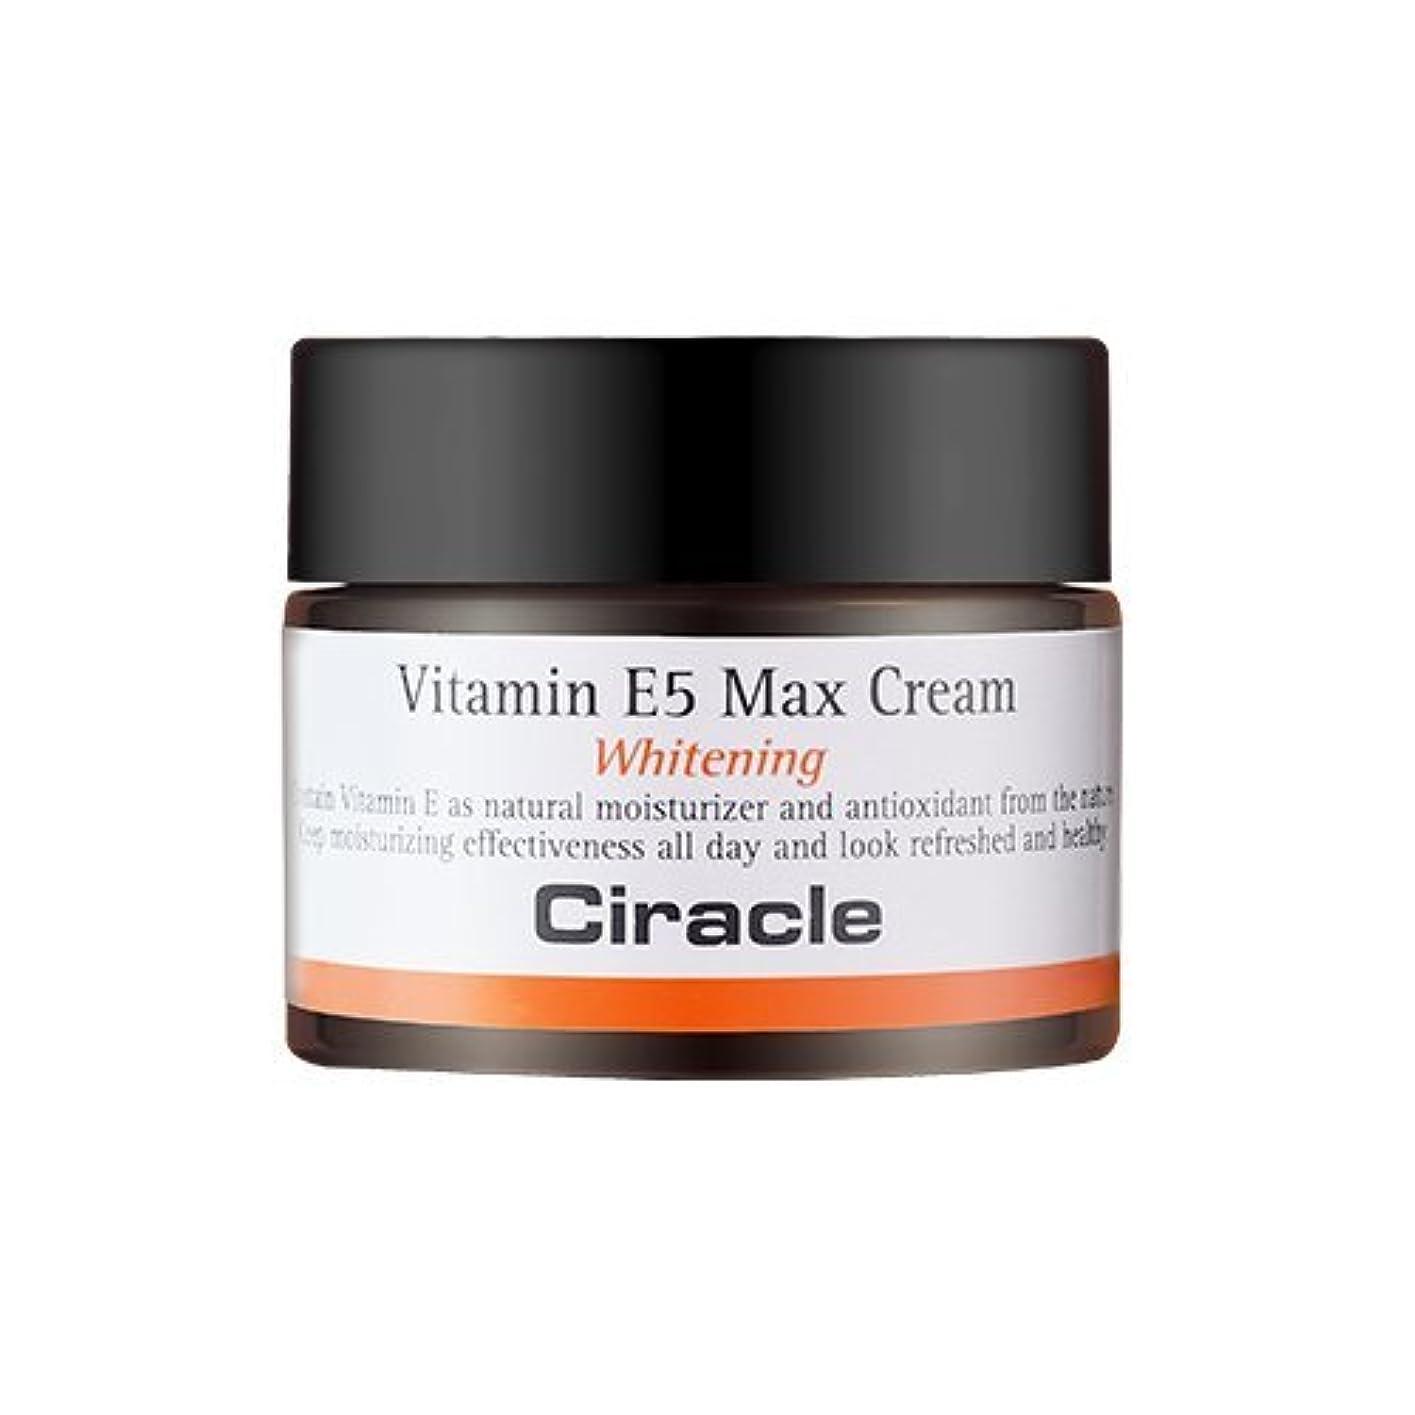 オーストラリア警告復活するCiracle Vitamin E5 Max Cream シラクル ビタミンE5 マックス クリーム 50ml [並行輸入品]